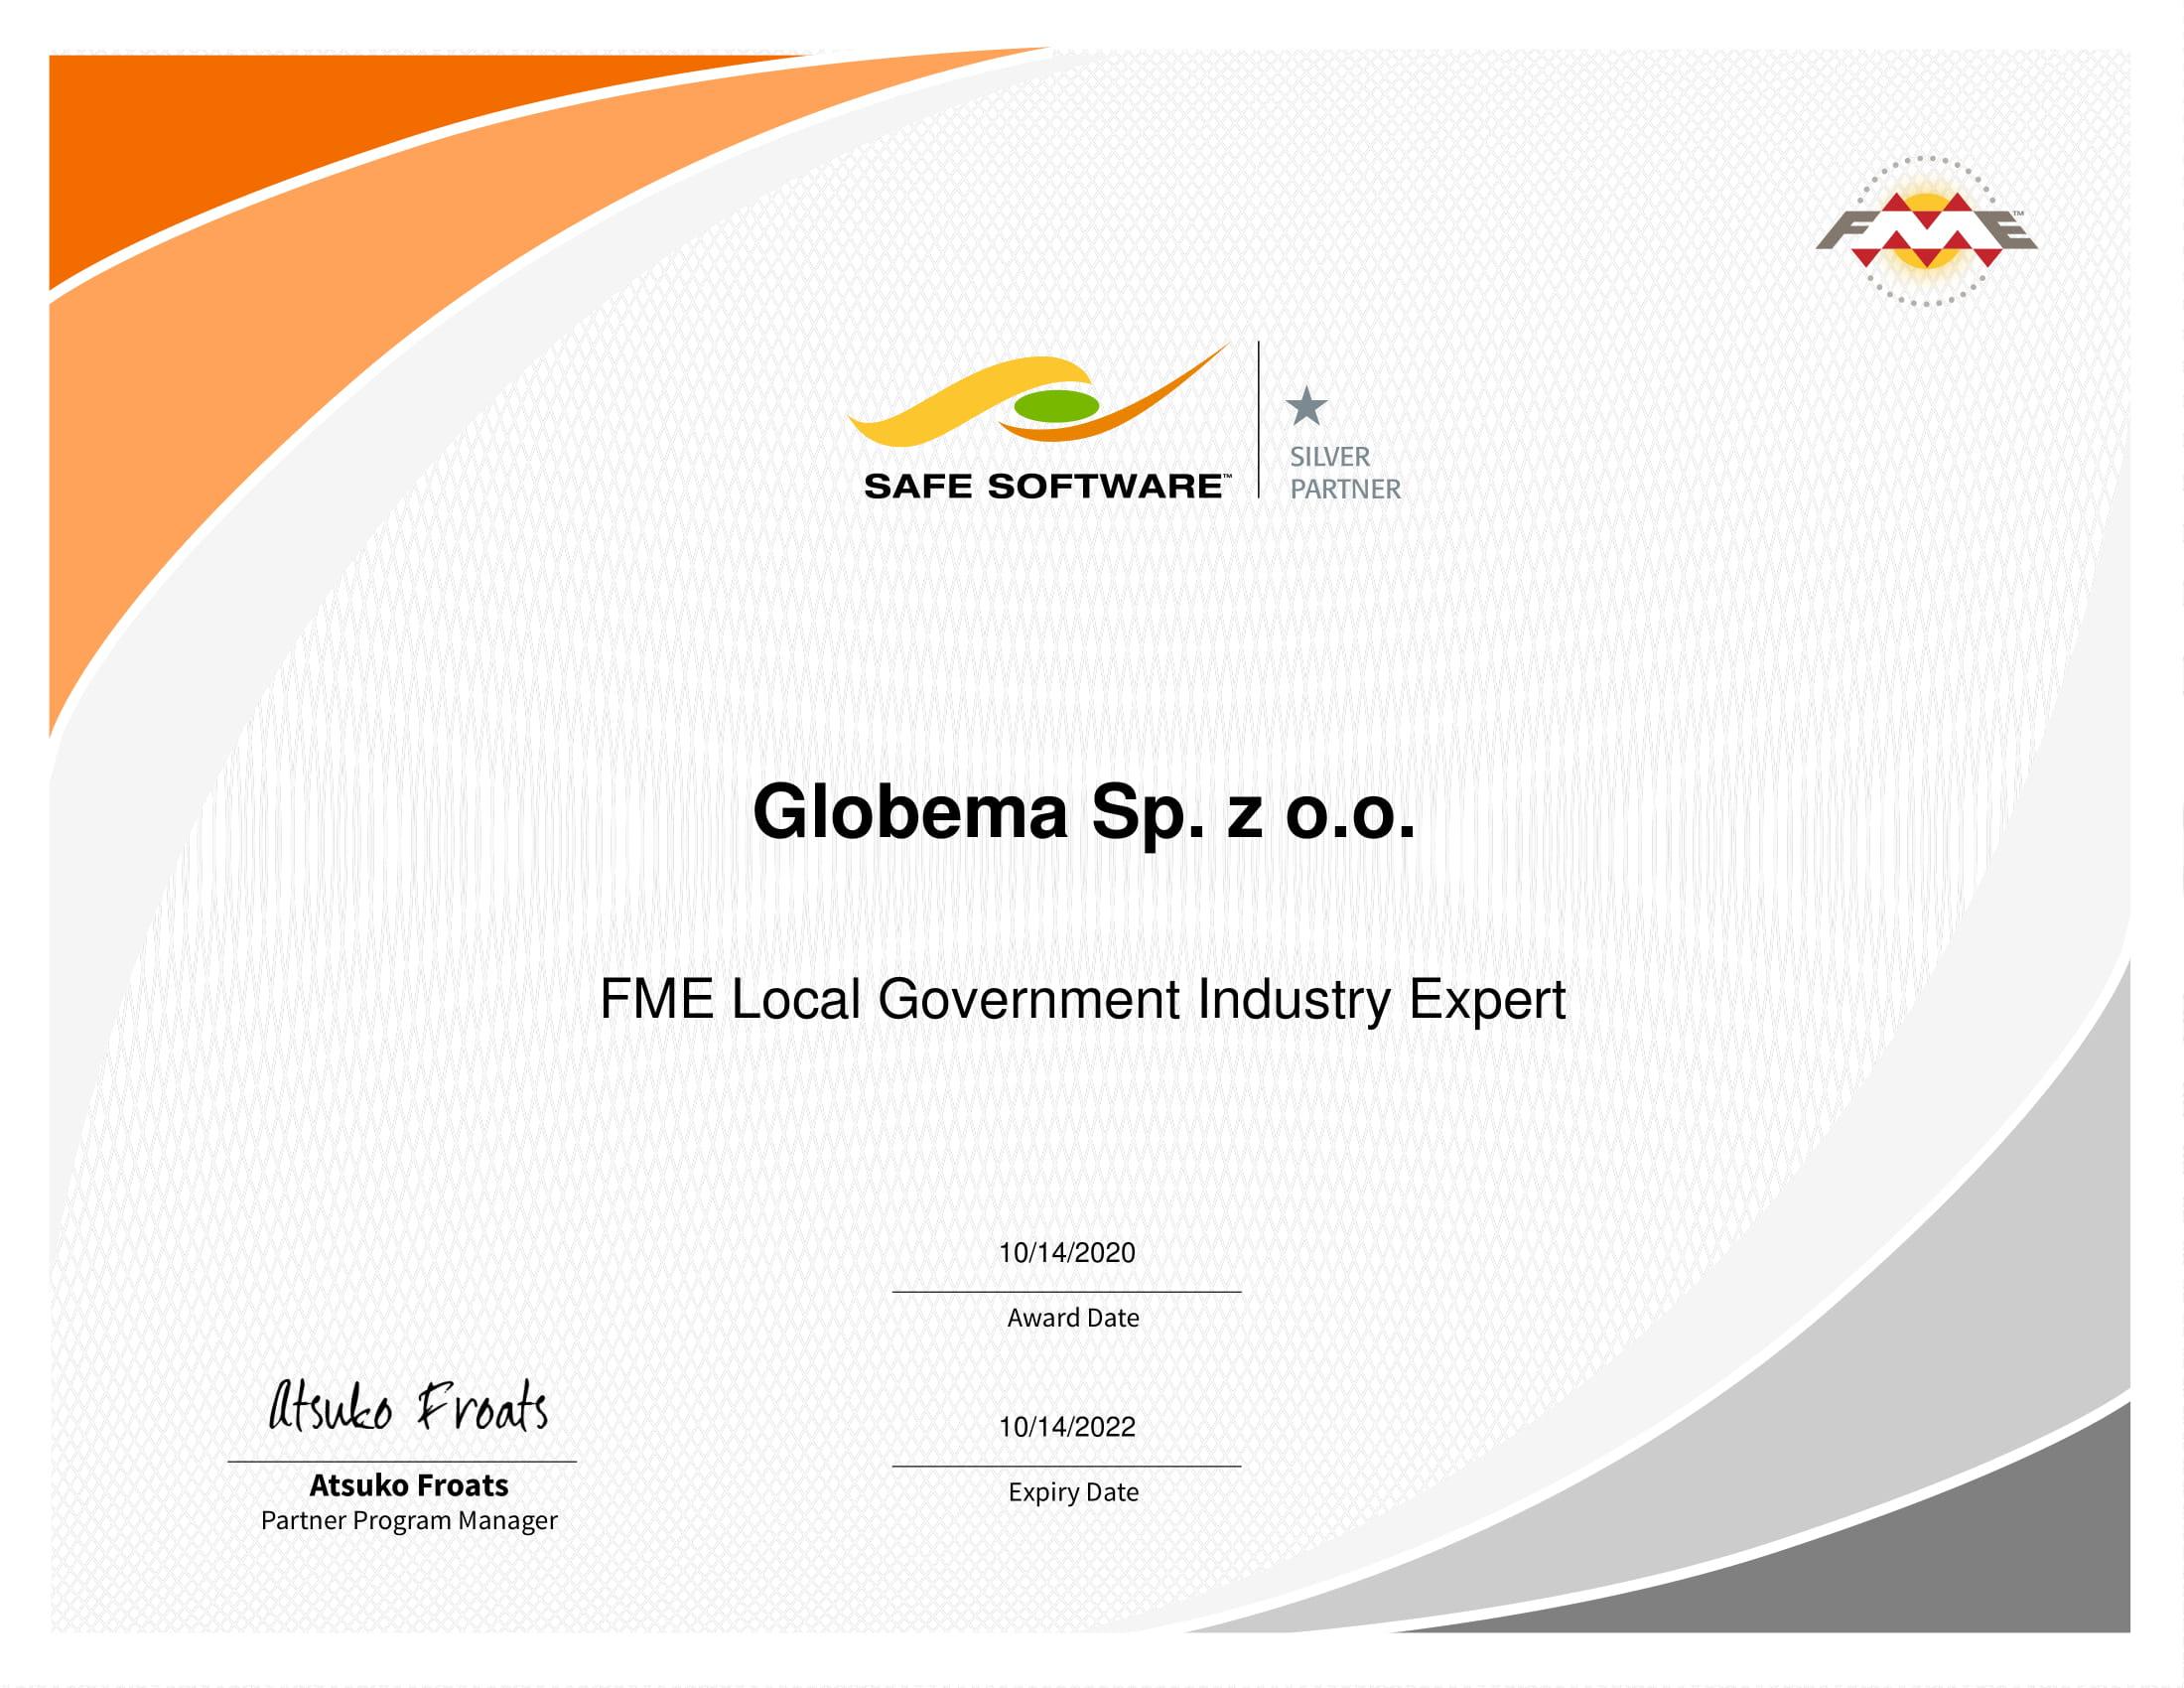 Globema - Local Government